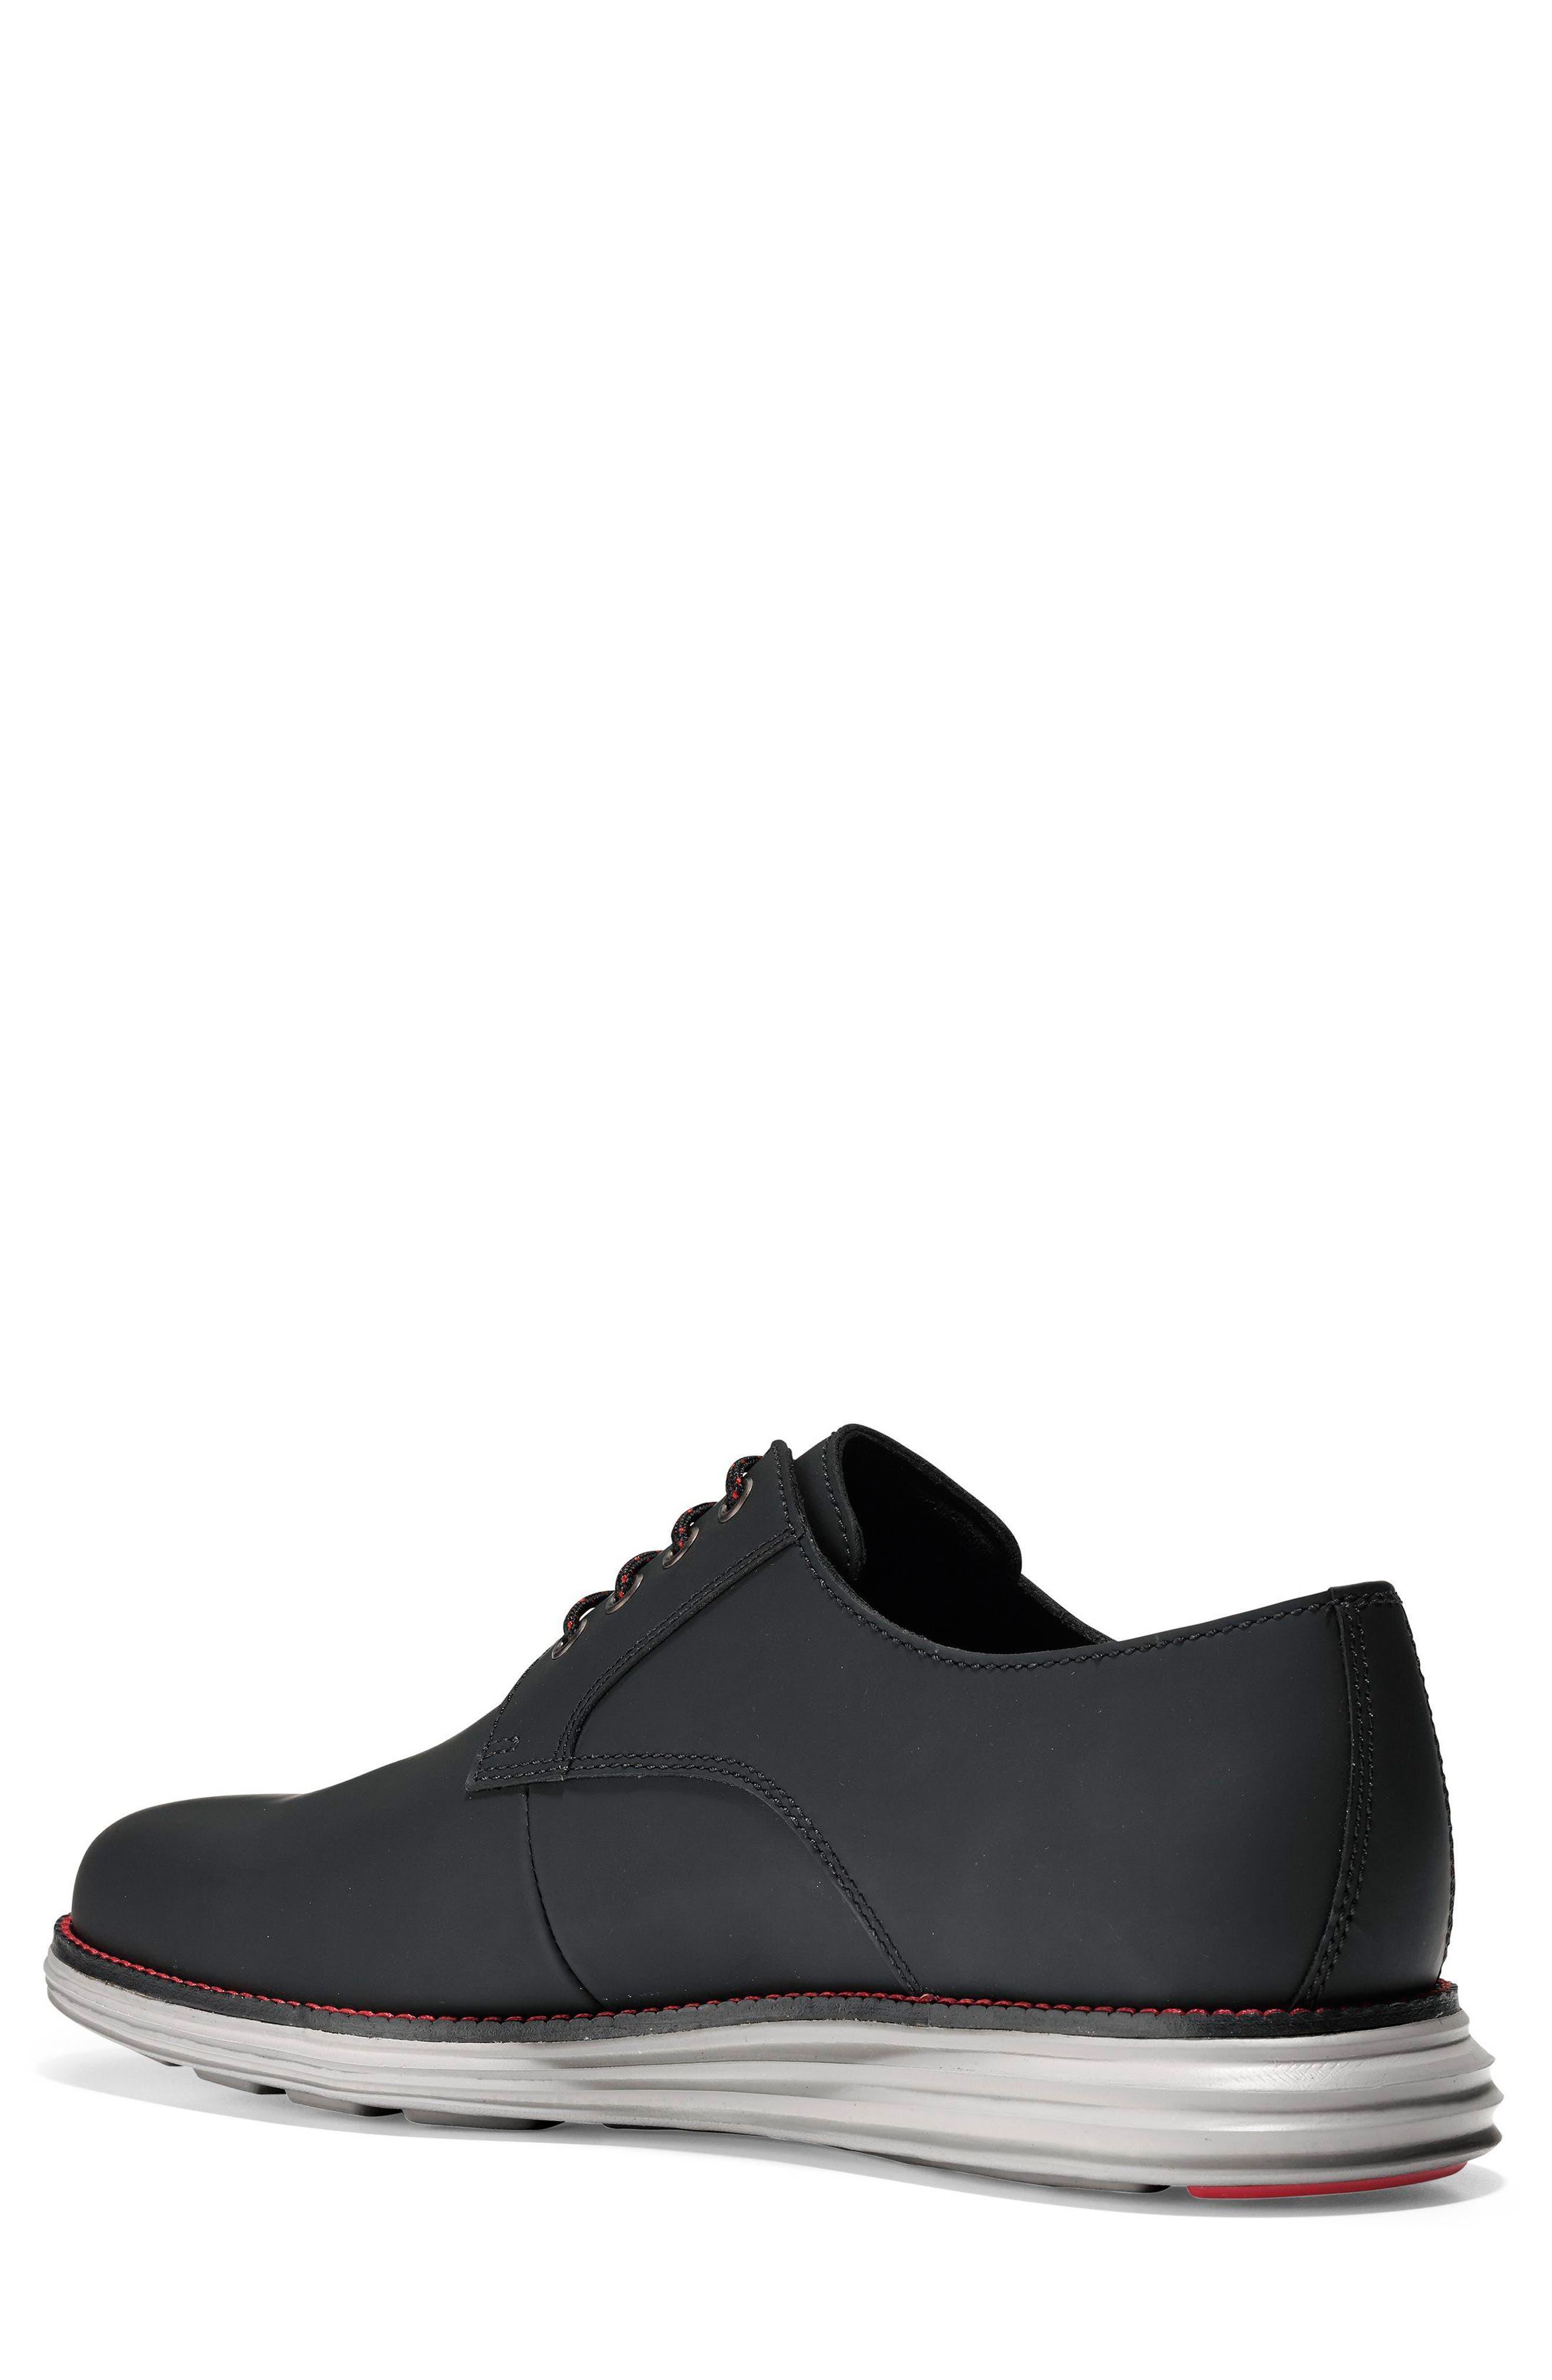 Original Grand Plain Toe Derby,                             Alternate thumbnail 2, color,                             Black Matte Leather